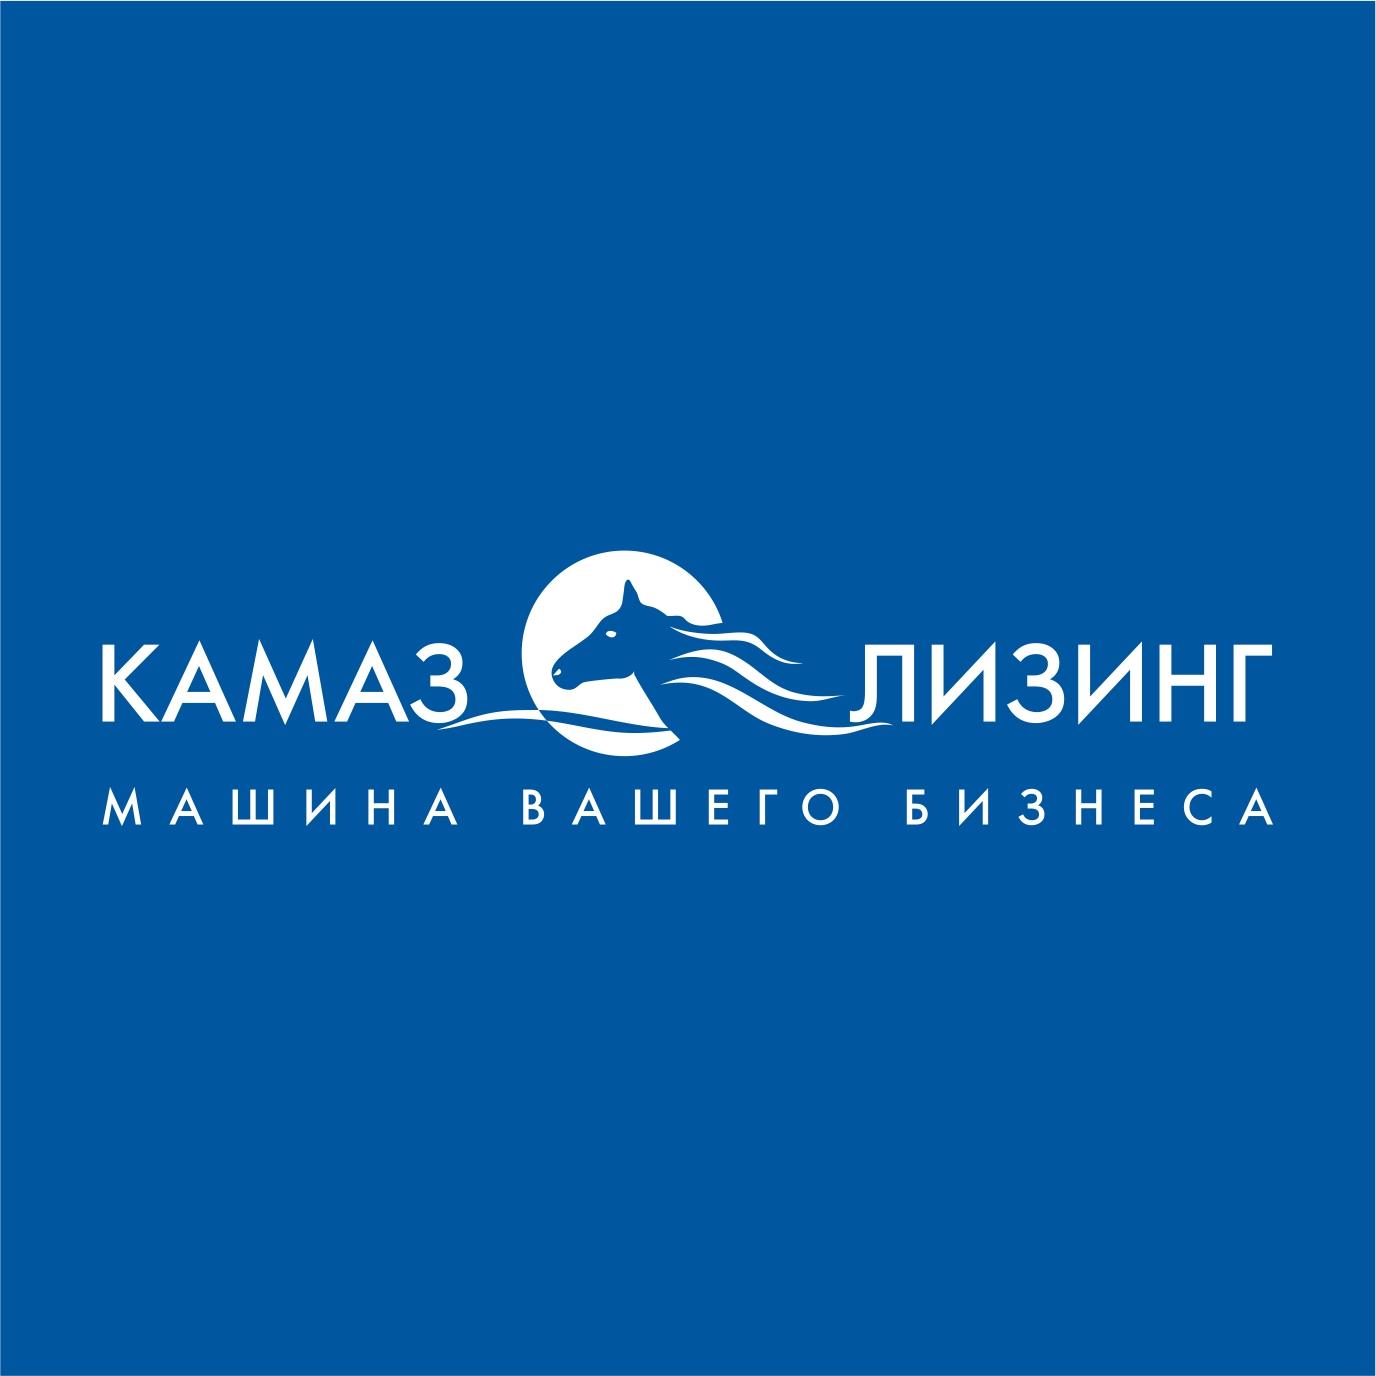 «КАМАЗ-ЛИЗИНГ» ПОДВЁЛ ПРЕДВАРИТЕЛЬНЫЕ ИТОГИ ГОДА